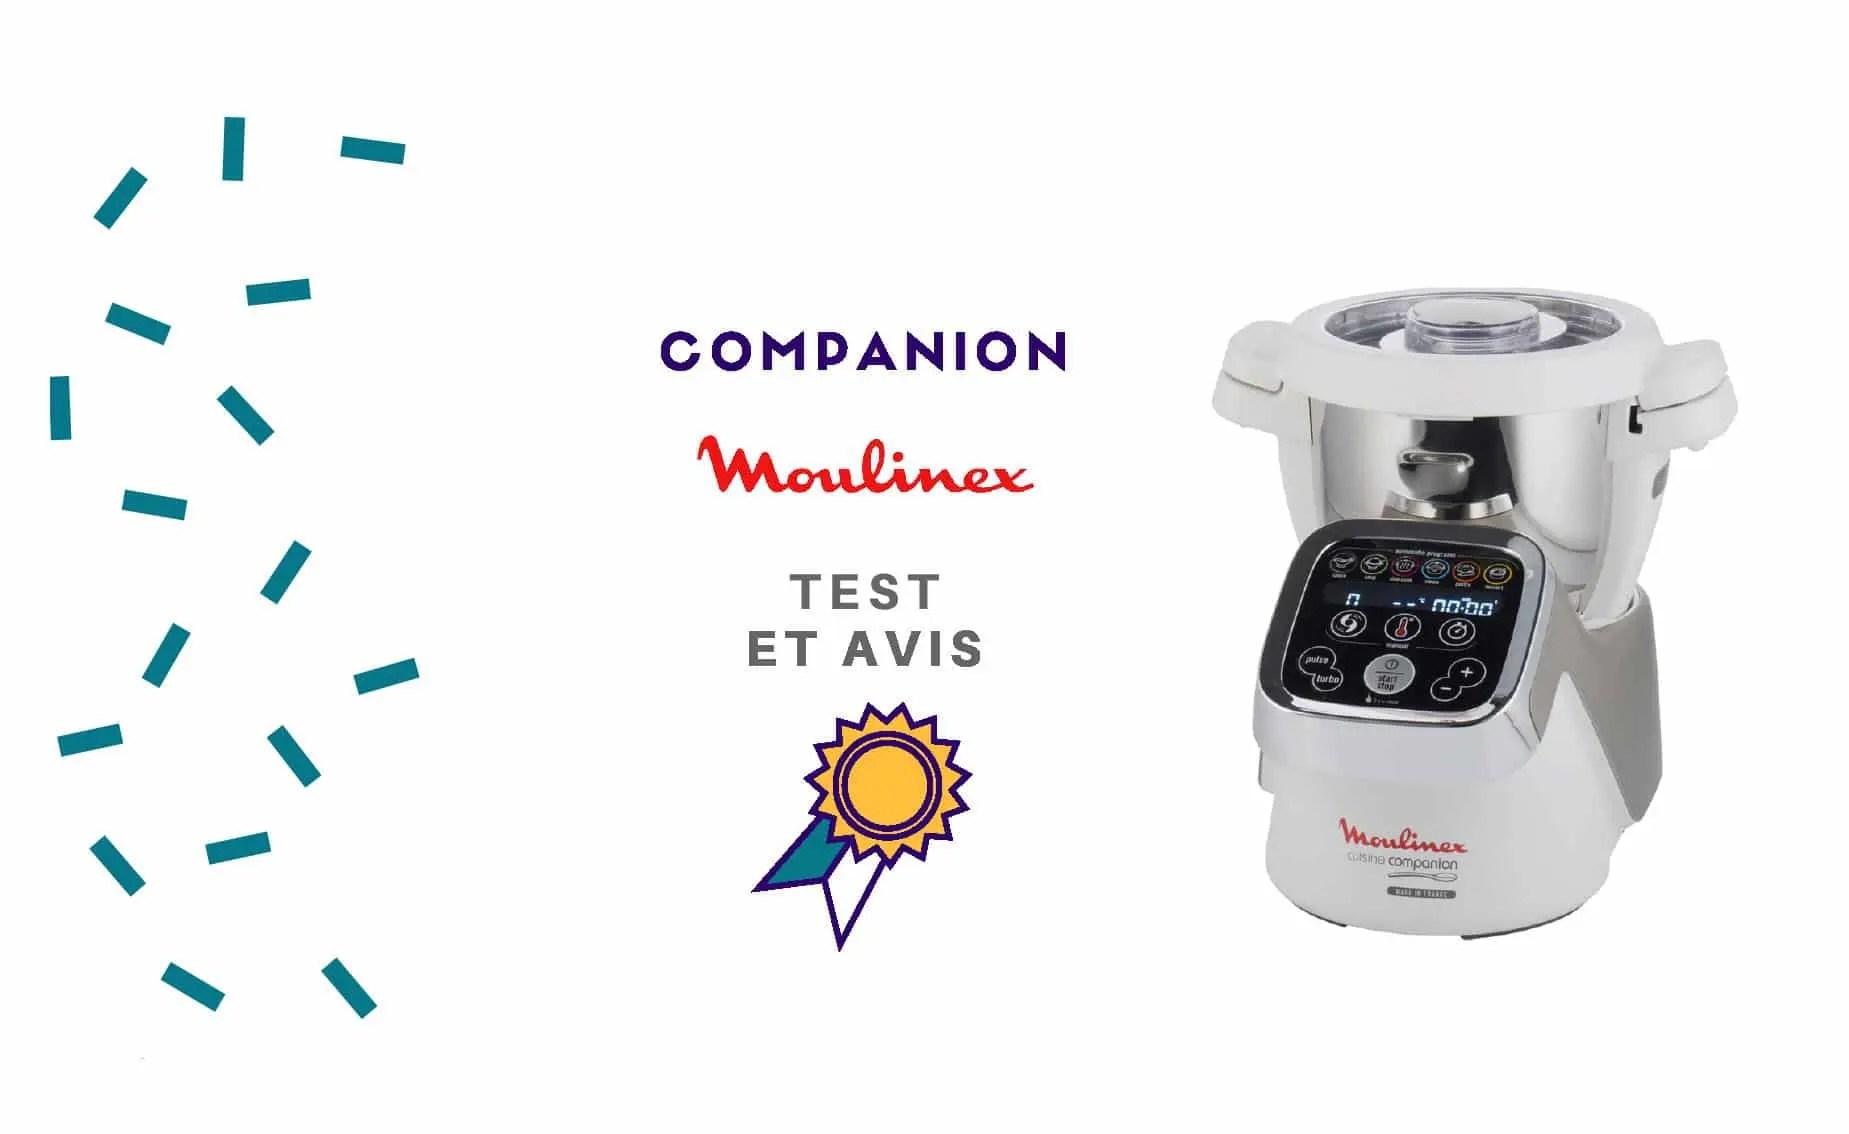 avis sur le companion moulinex que vaut ce robot cuiseur test consolab